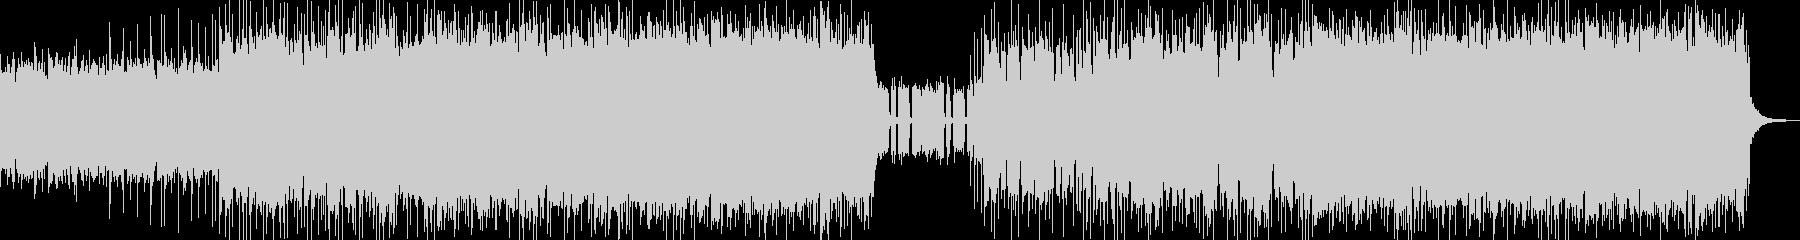 パンク 実験的な岩 バックシェイク...の未再生の波形